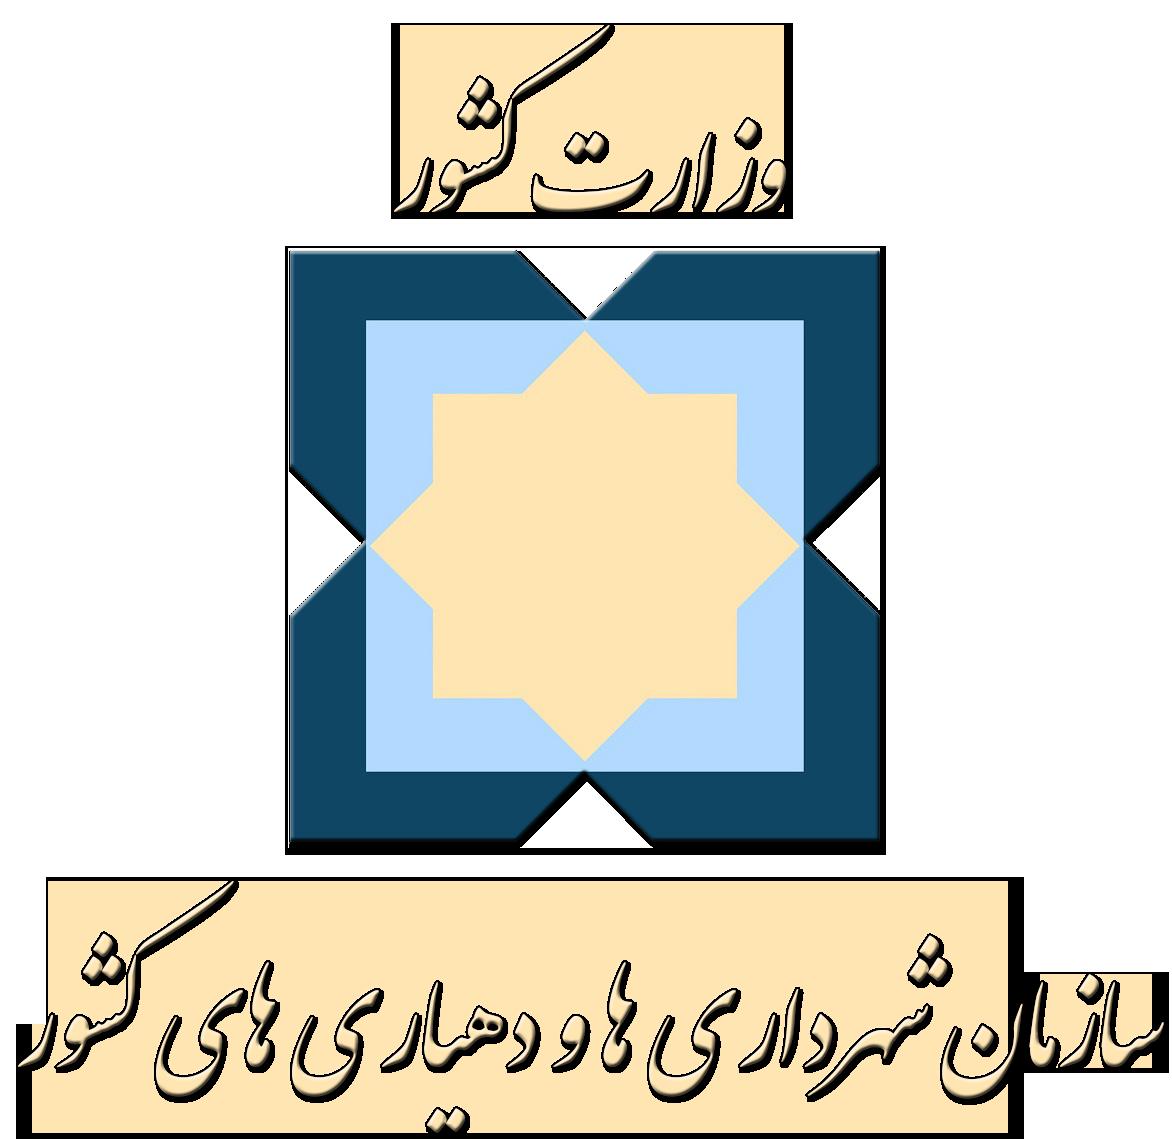 سازمان همیاری شهرداری استان سیستان و بلوچستان